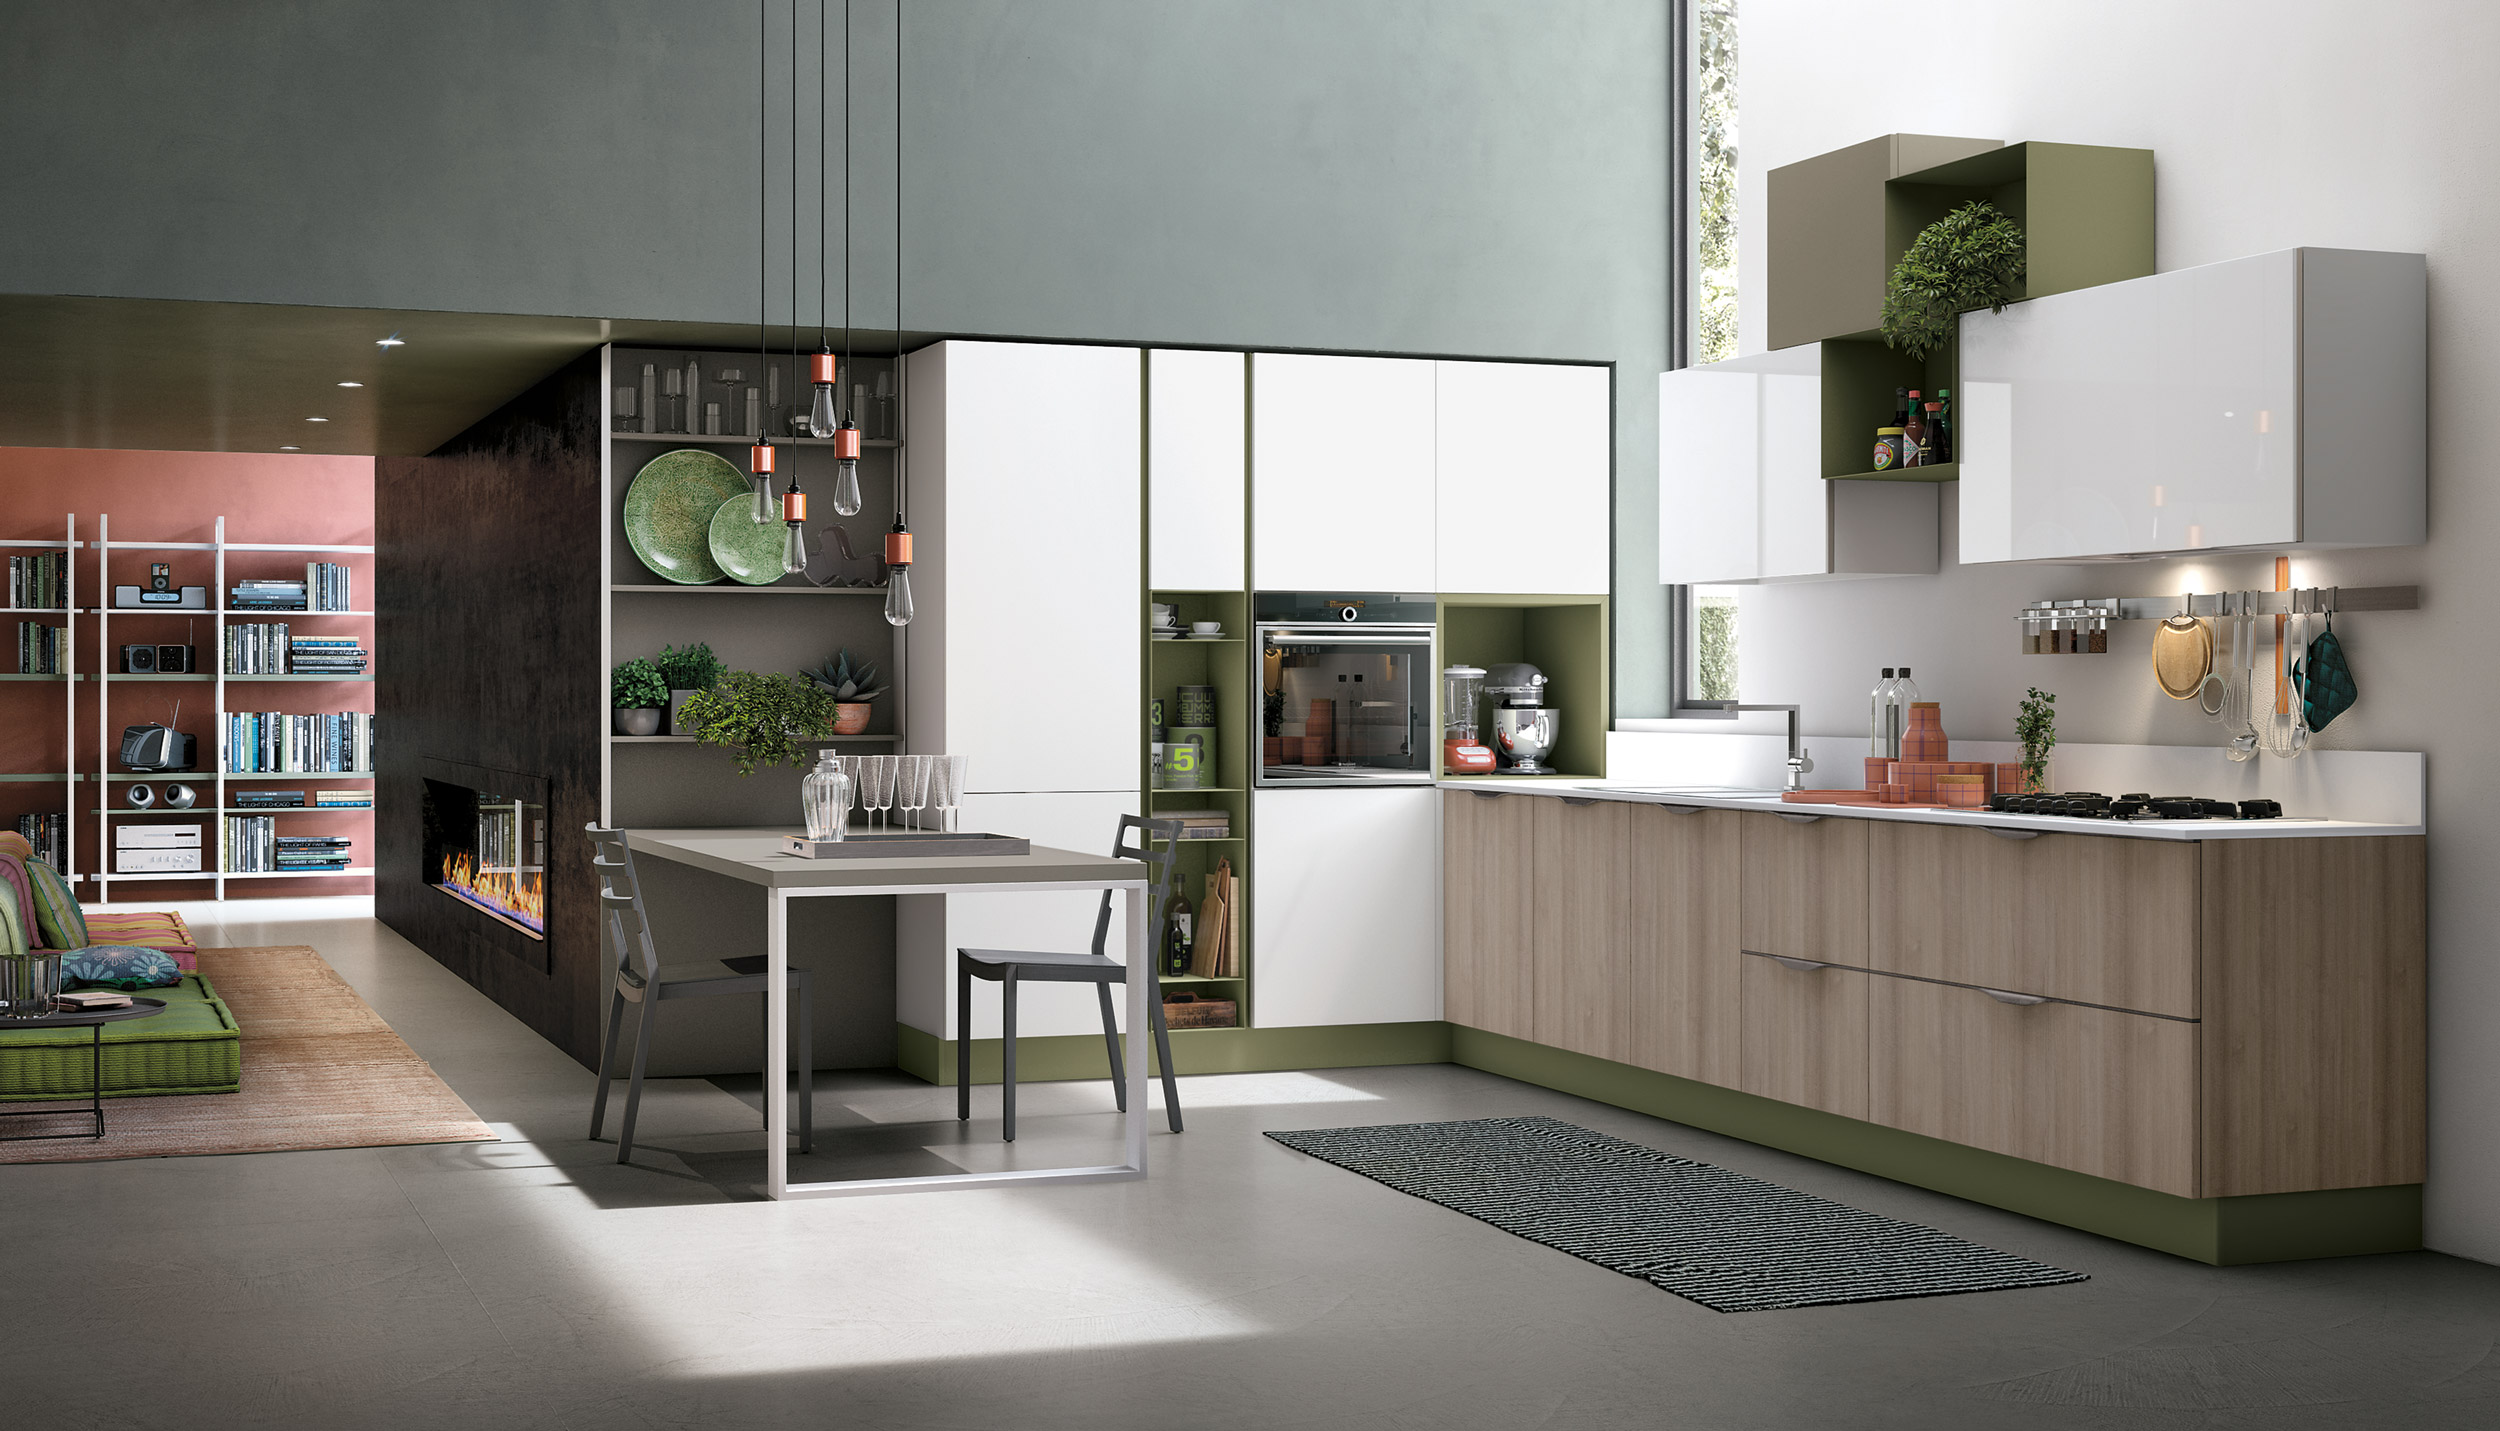 Cucina stosa aliant lorenzelli arredamenti for Cucine moderne design